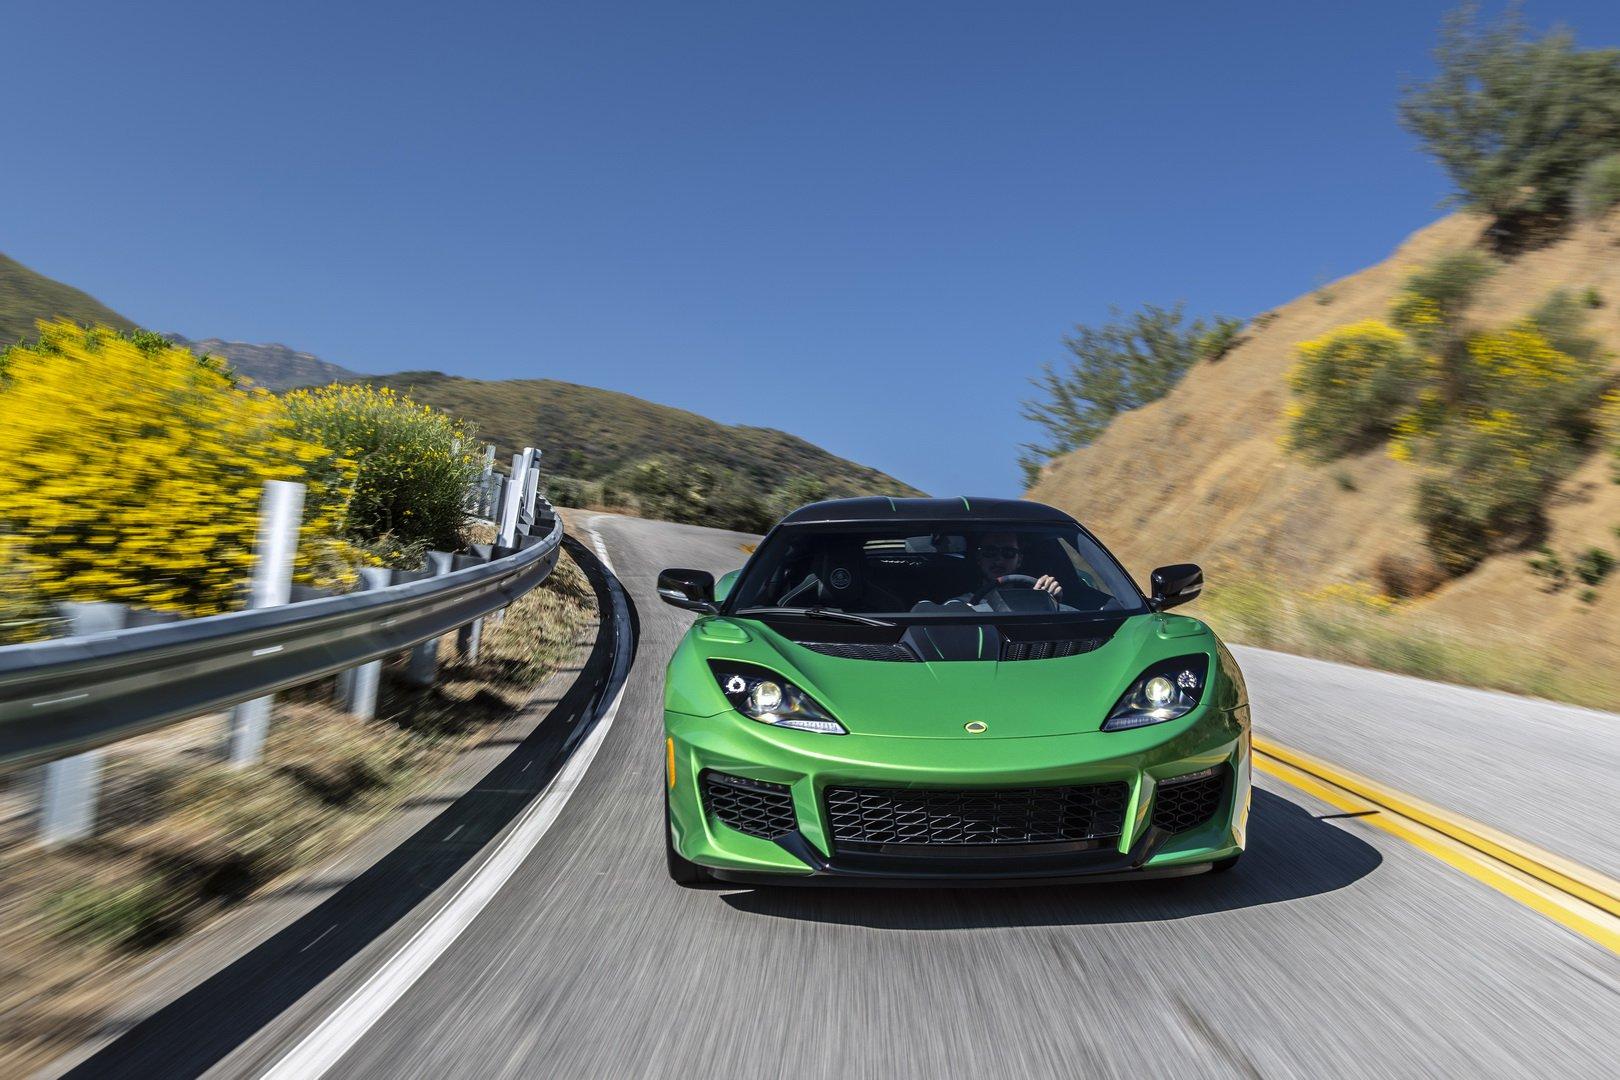 Lotus-Evora-GT-2020-10